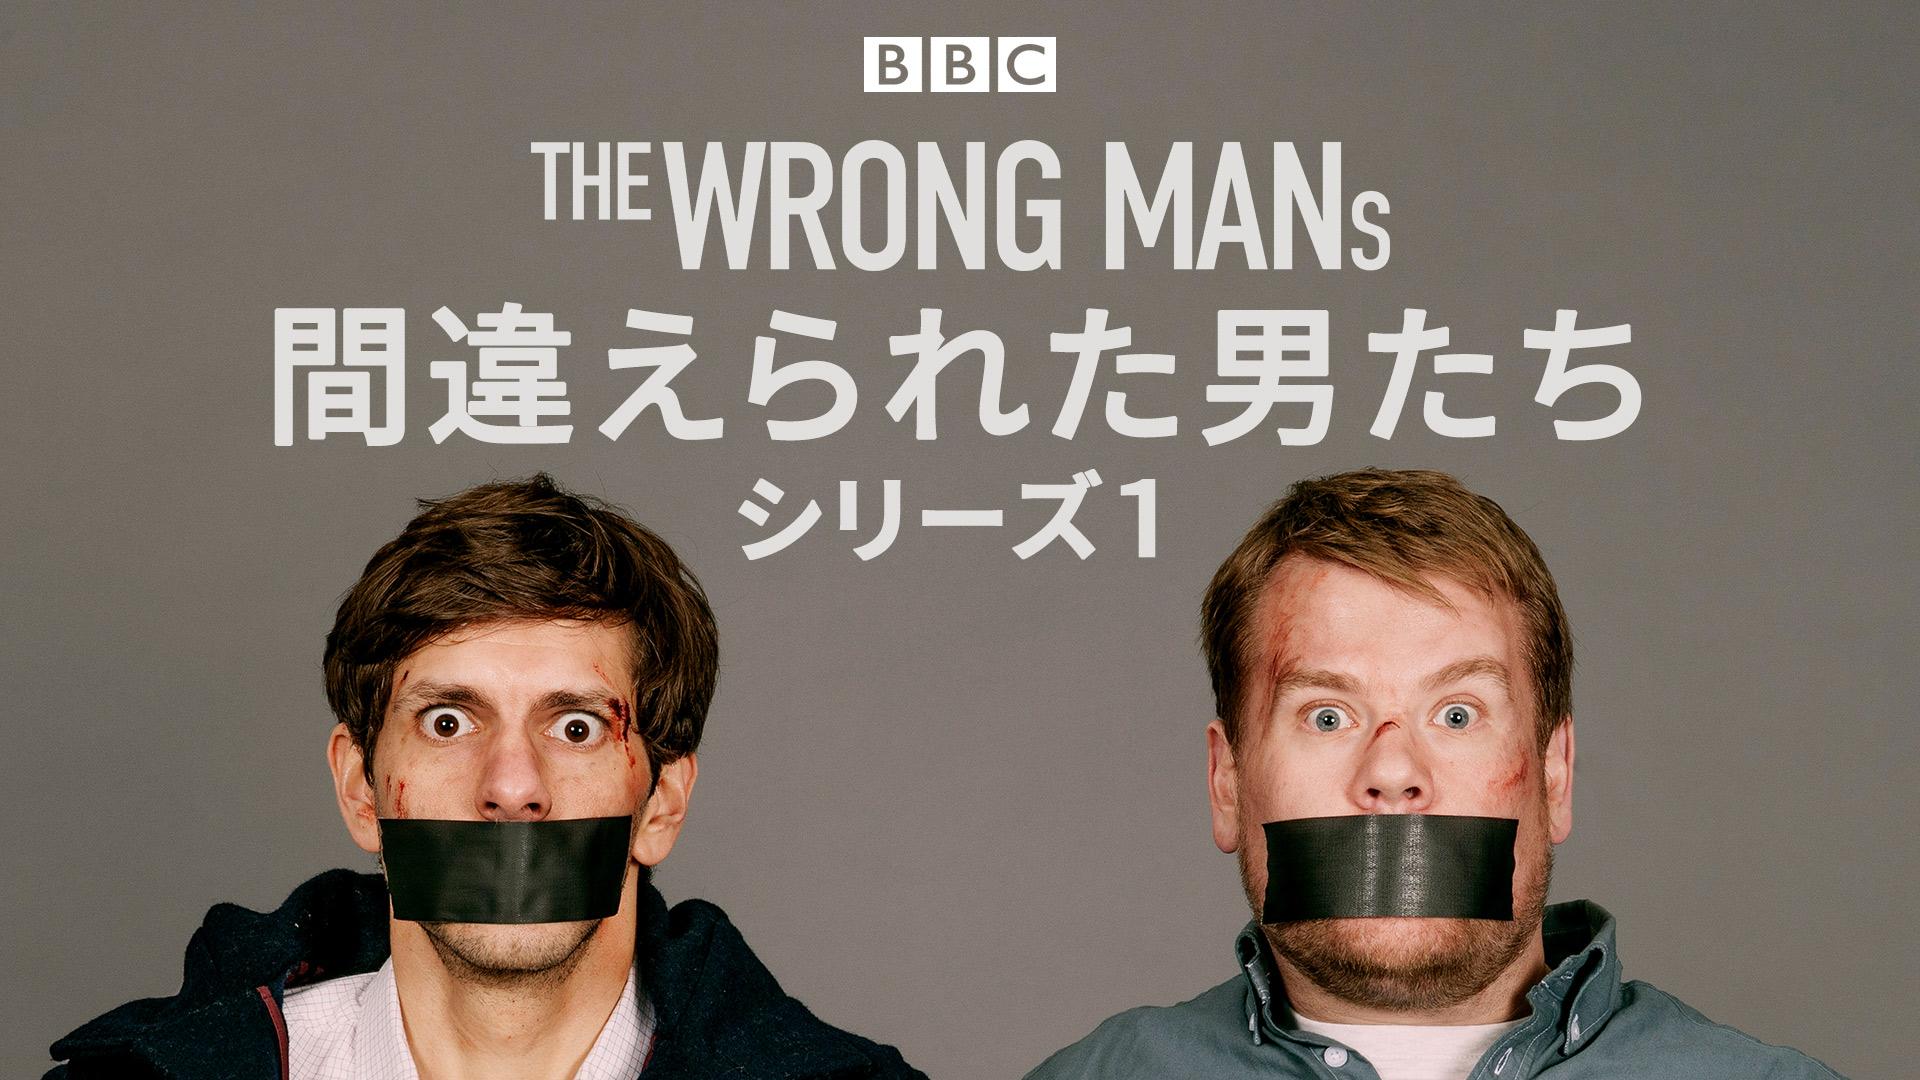 The Wrong Mans 間違えられた男たち(字幕版)